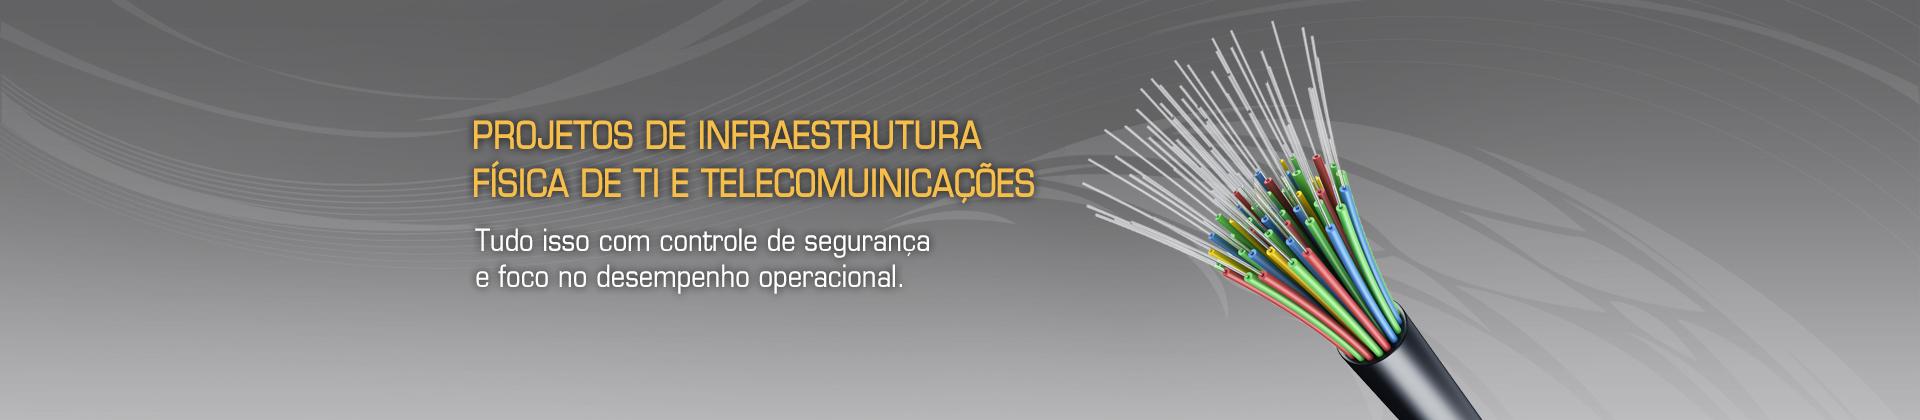 http://bstecnologia.com.br/novo/infraestrutura-fisica-de-ti/